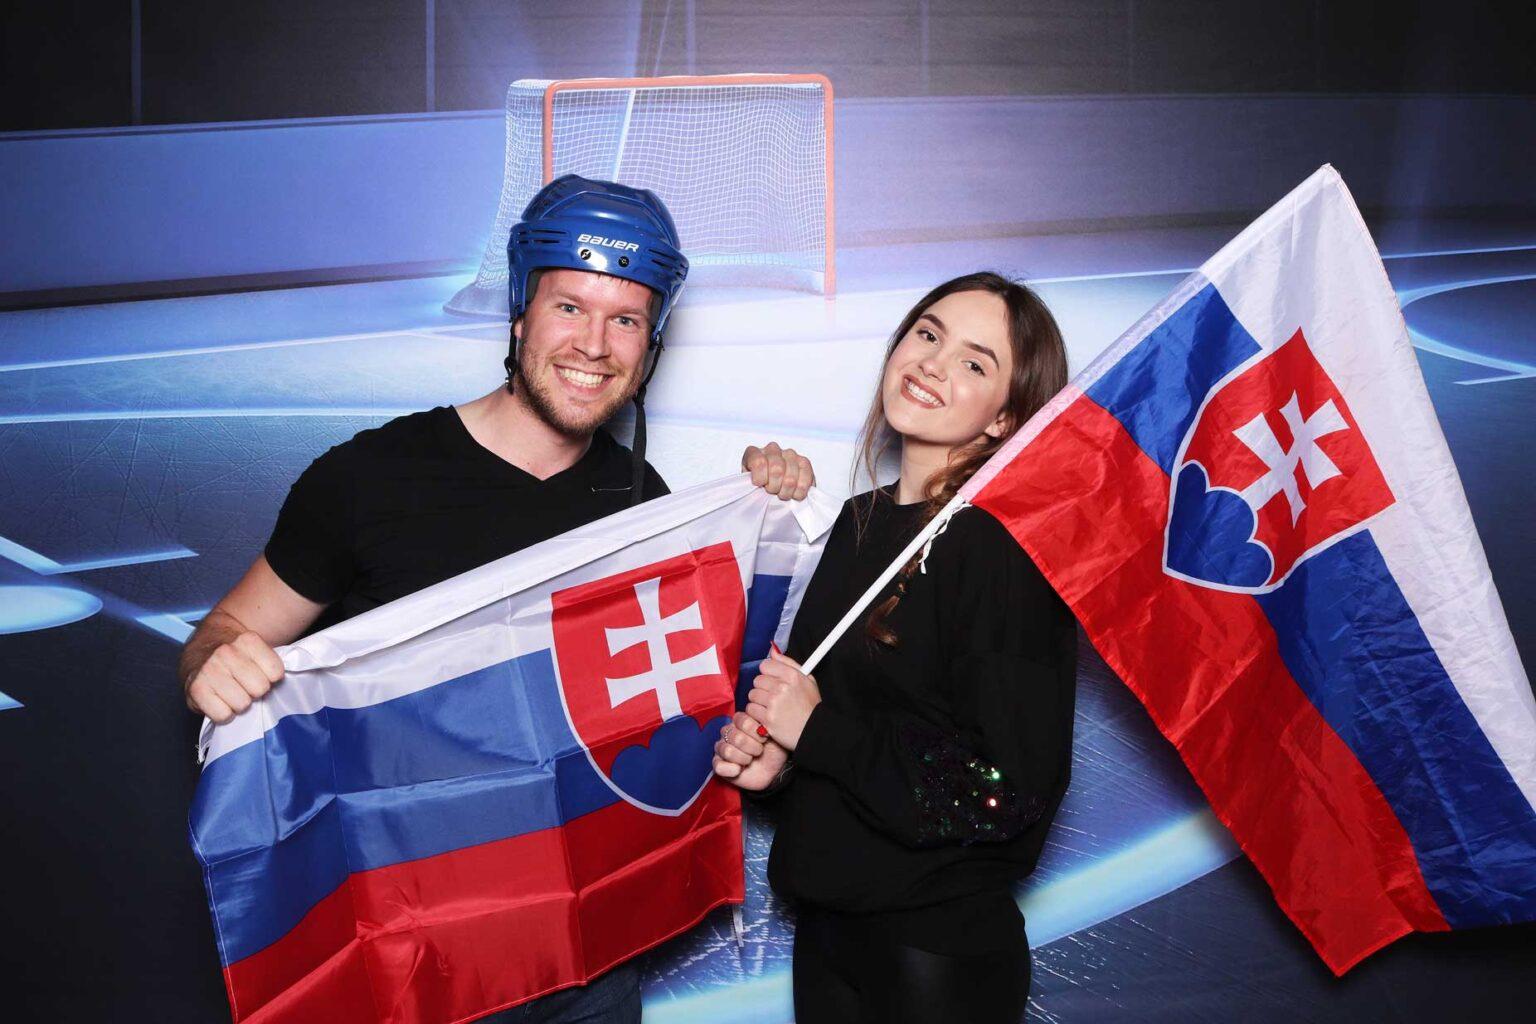 Hokejový fotokútik - pozadie Ice hockey - fotobox Bratislava